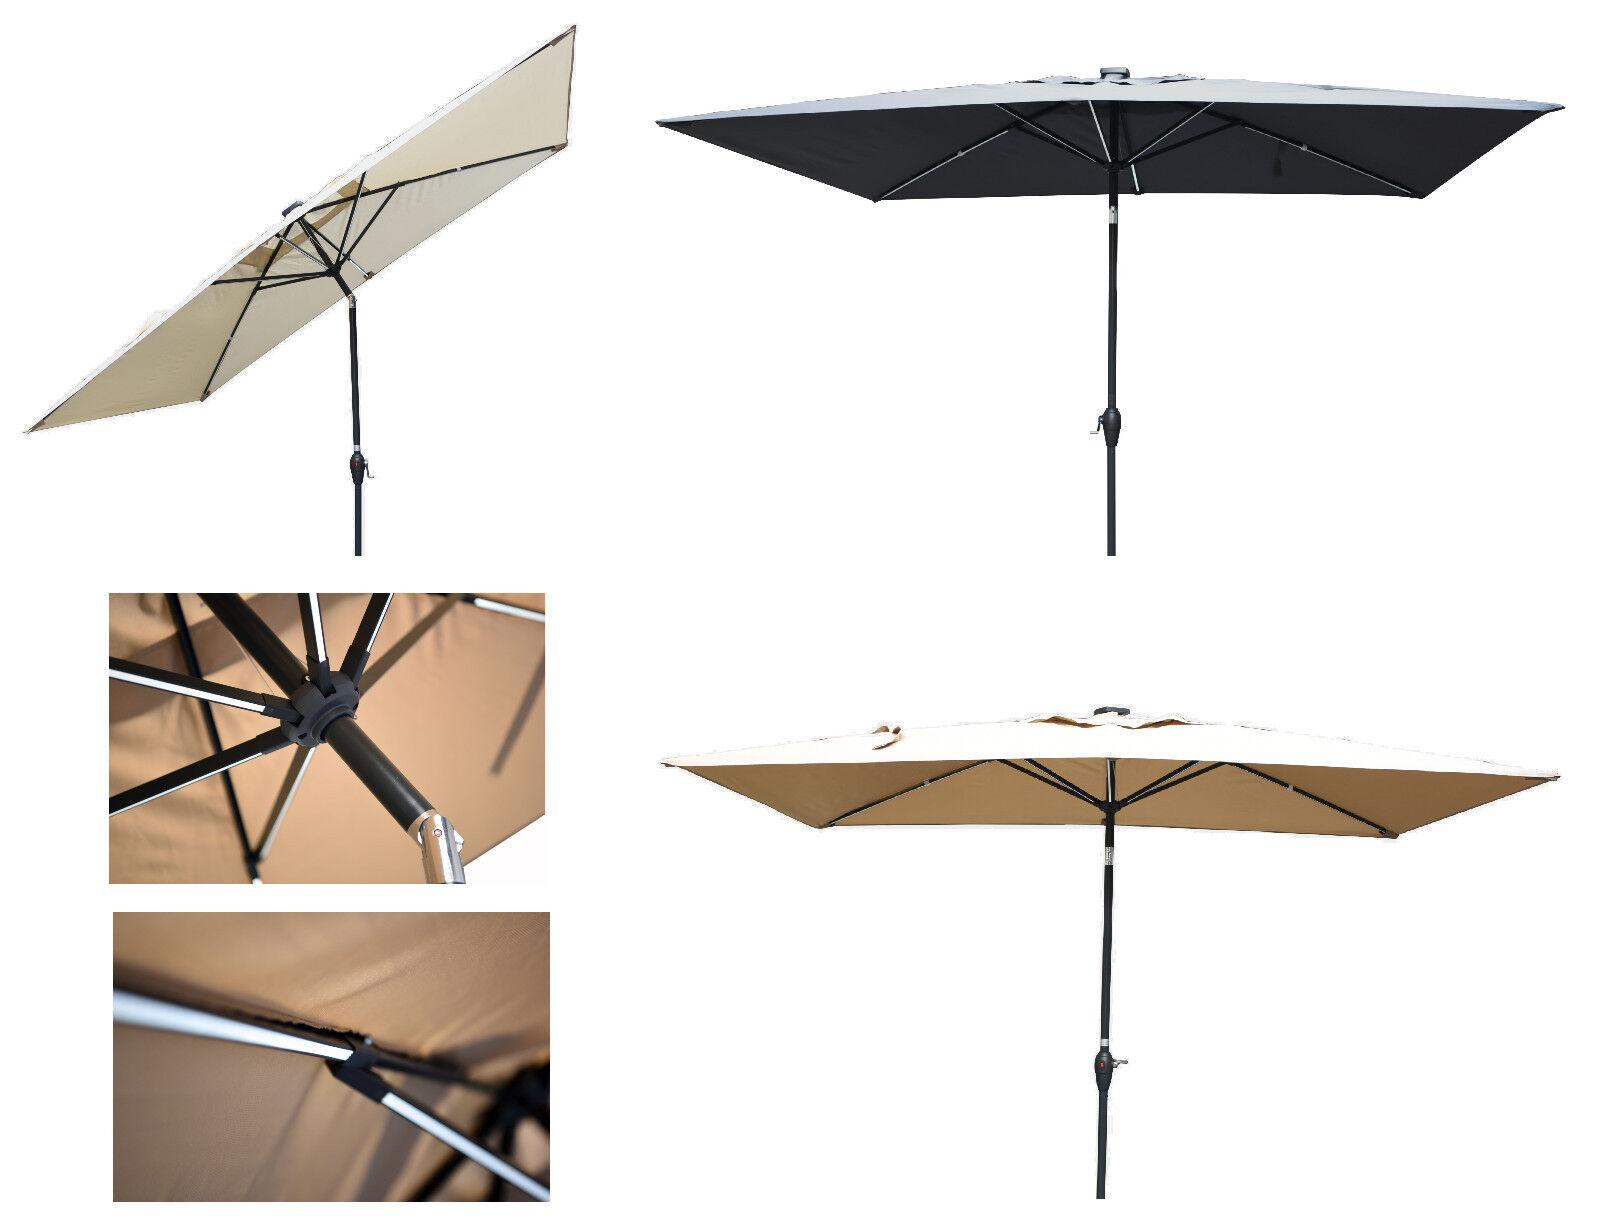 mandalika sonnenschirm 2x3m mit led beleuchtung licht leisten knickbar 200x300cm ebay. Black Bedroom Furniture Sets. Home Design Ideas